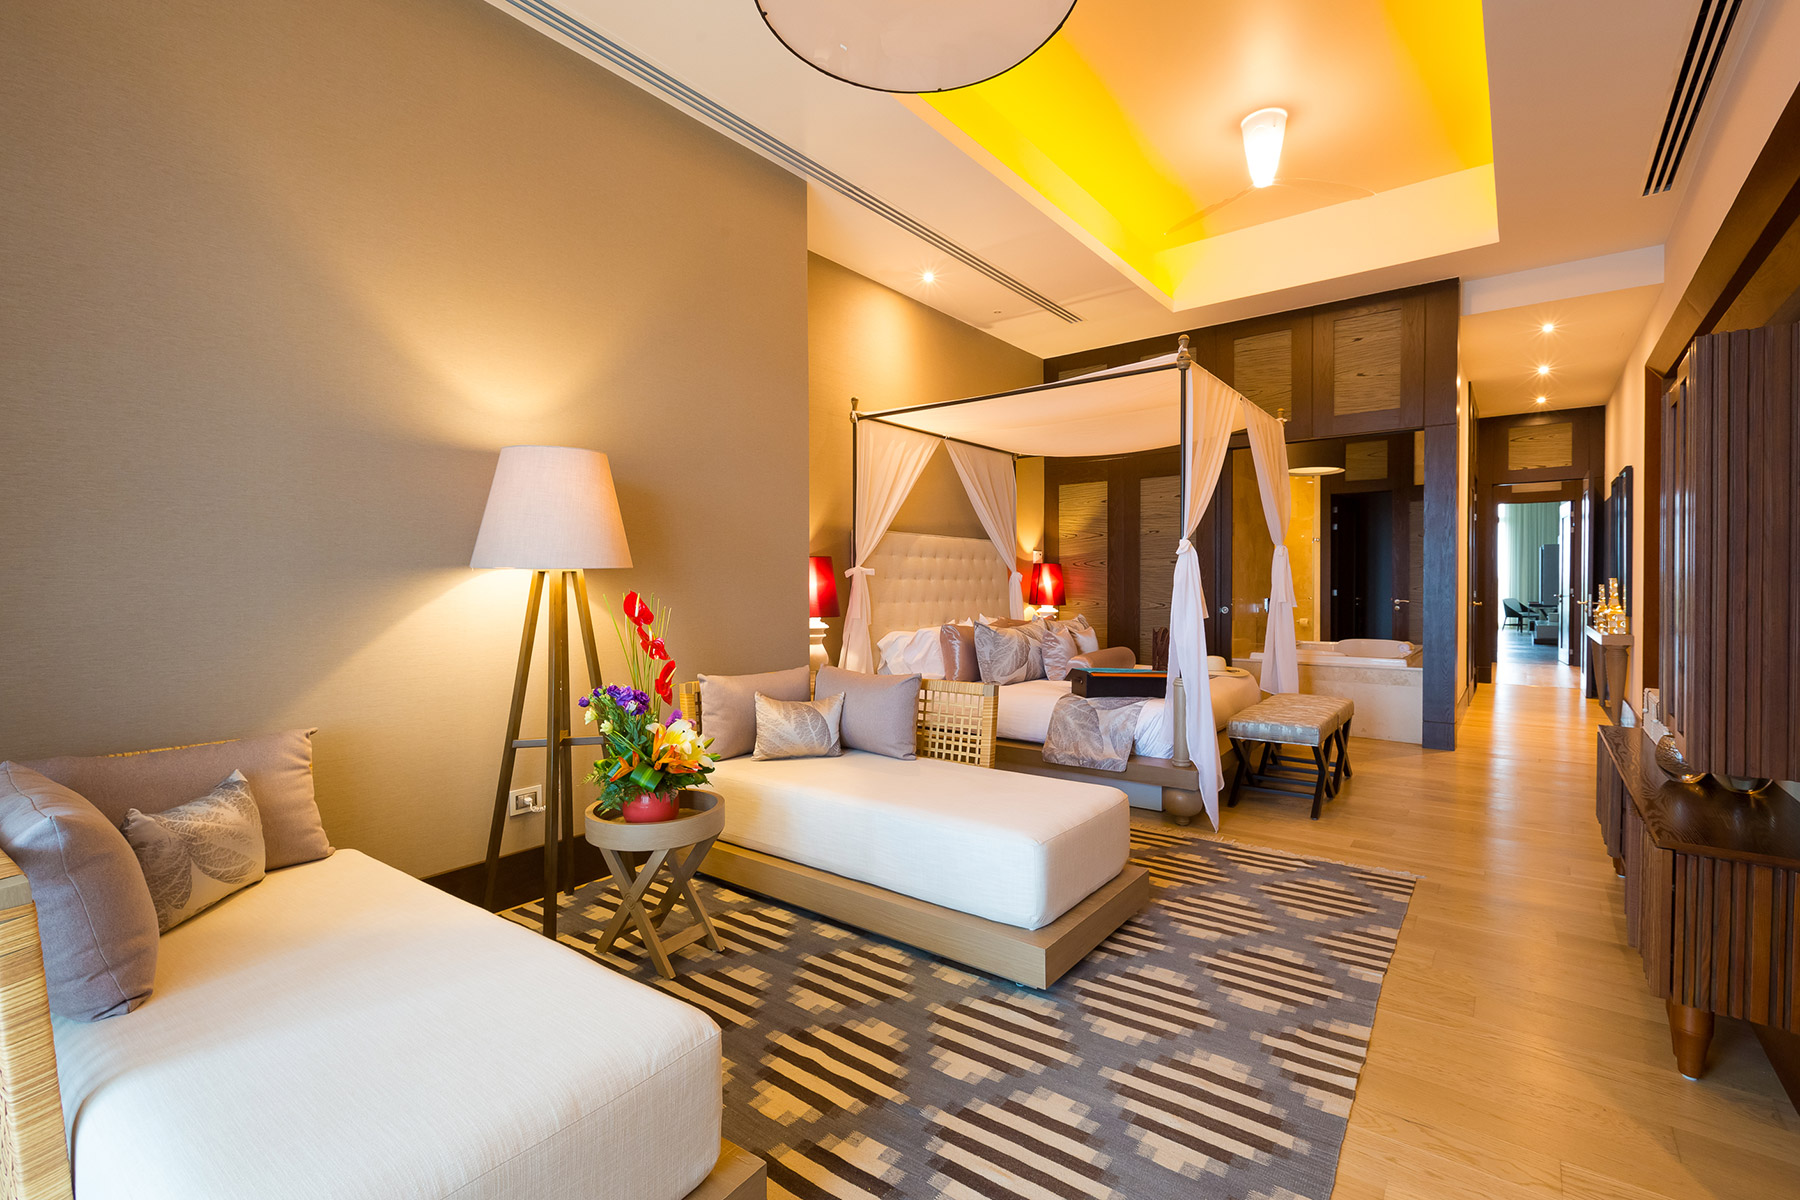 Habitación de Hotel Grand Luxxe torre V, Riviera Nayarit